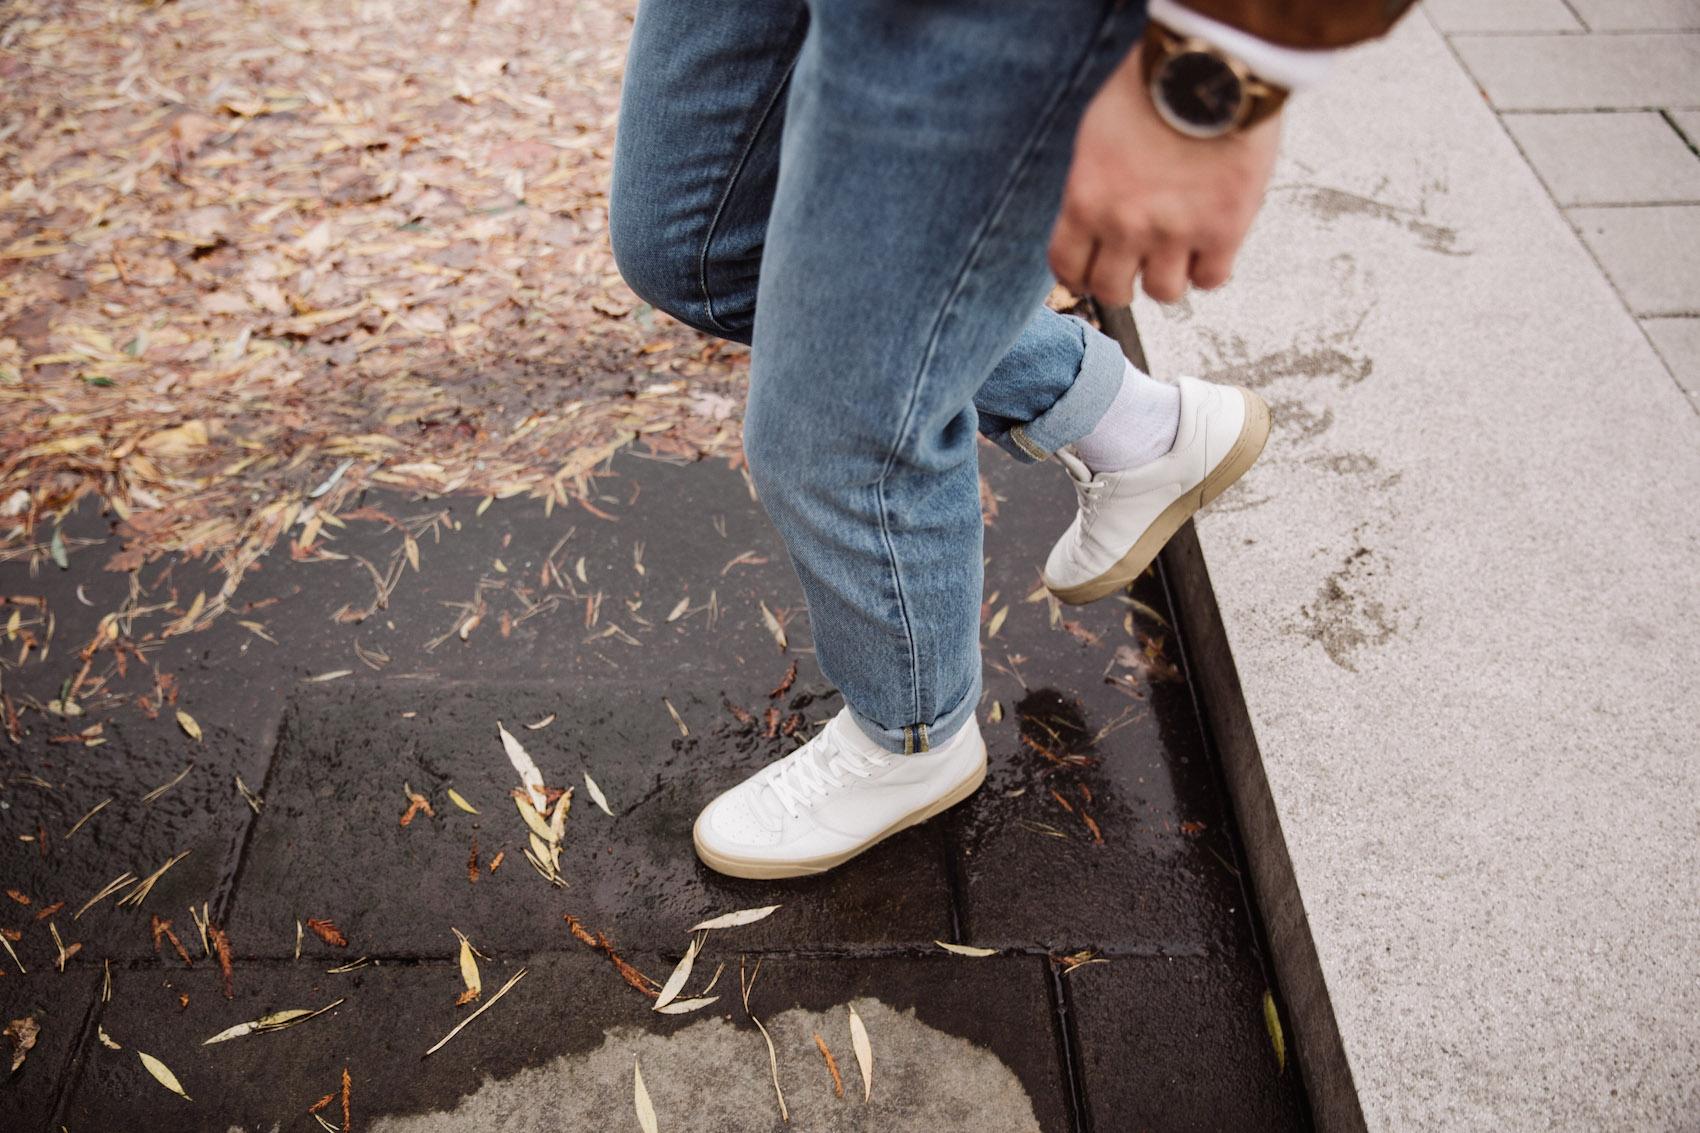 weekday Herbstoutfit Wildlederjacke 90er Jahre Jeans und Stickpulli Outfitpost von Meanwhile in Awesometown - Wiener Männermode und Lifestyle Blogger13